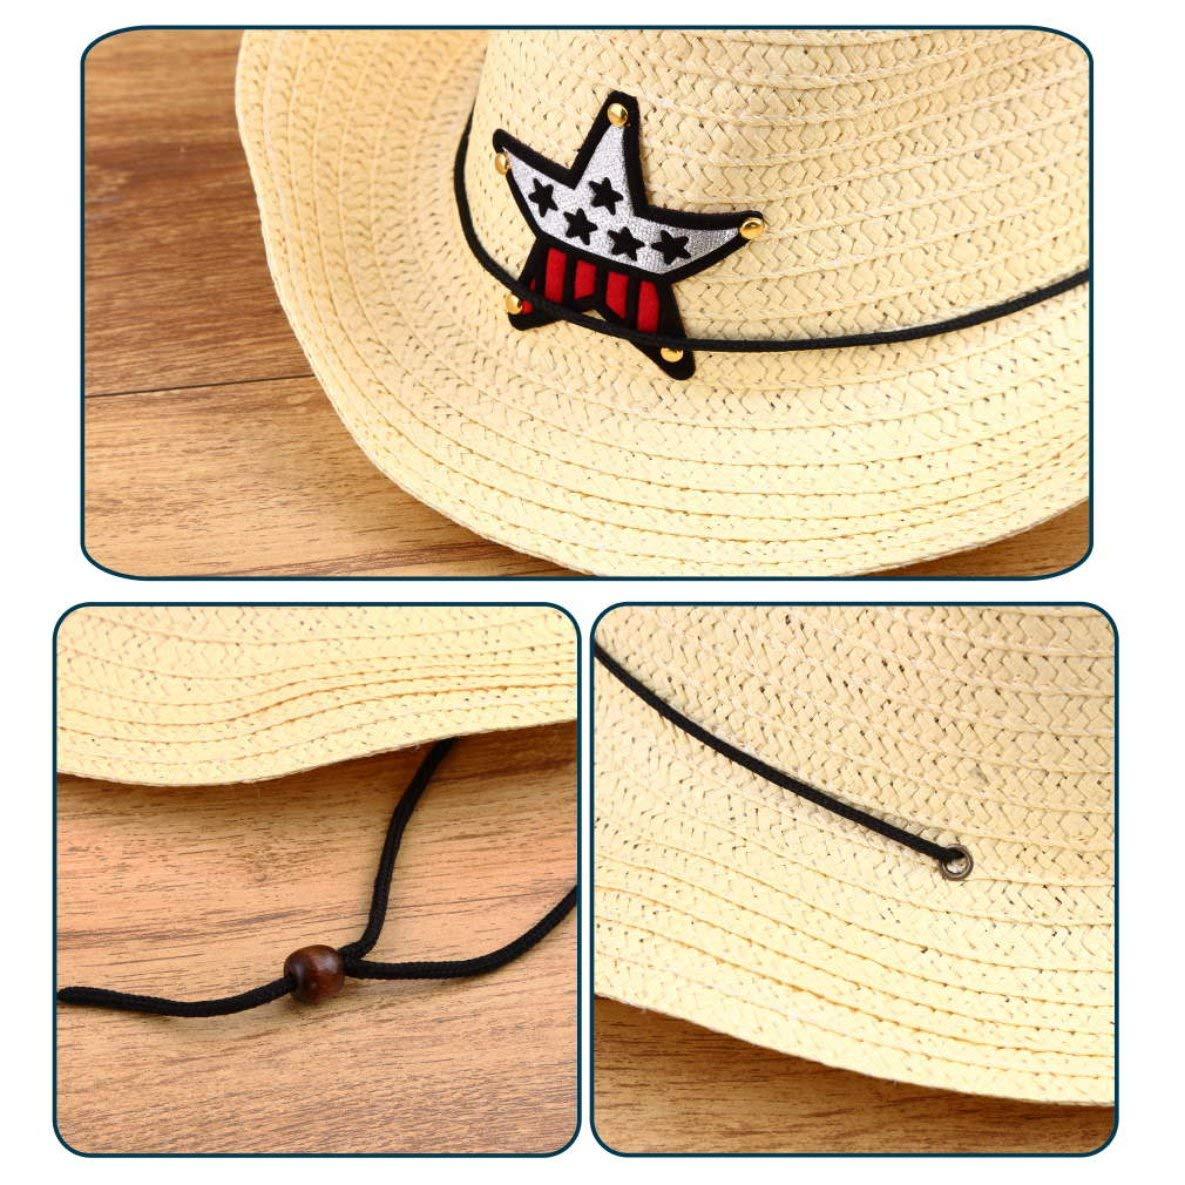 Noradtjcca Kinder Kinder Western Cowboy Stroh Sonnenhut Winddichte Kappe Sommer Big Wide Brim Sunbonnet mit Sterndekoration